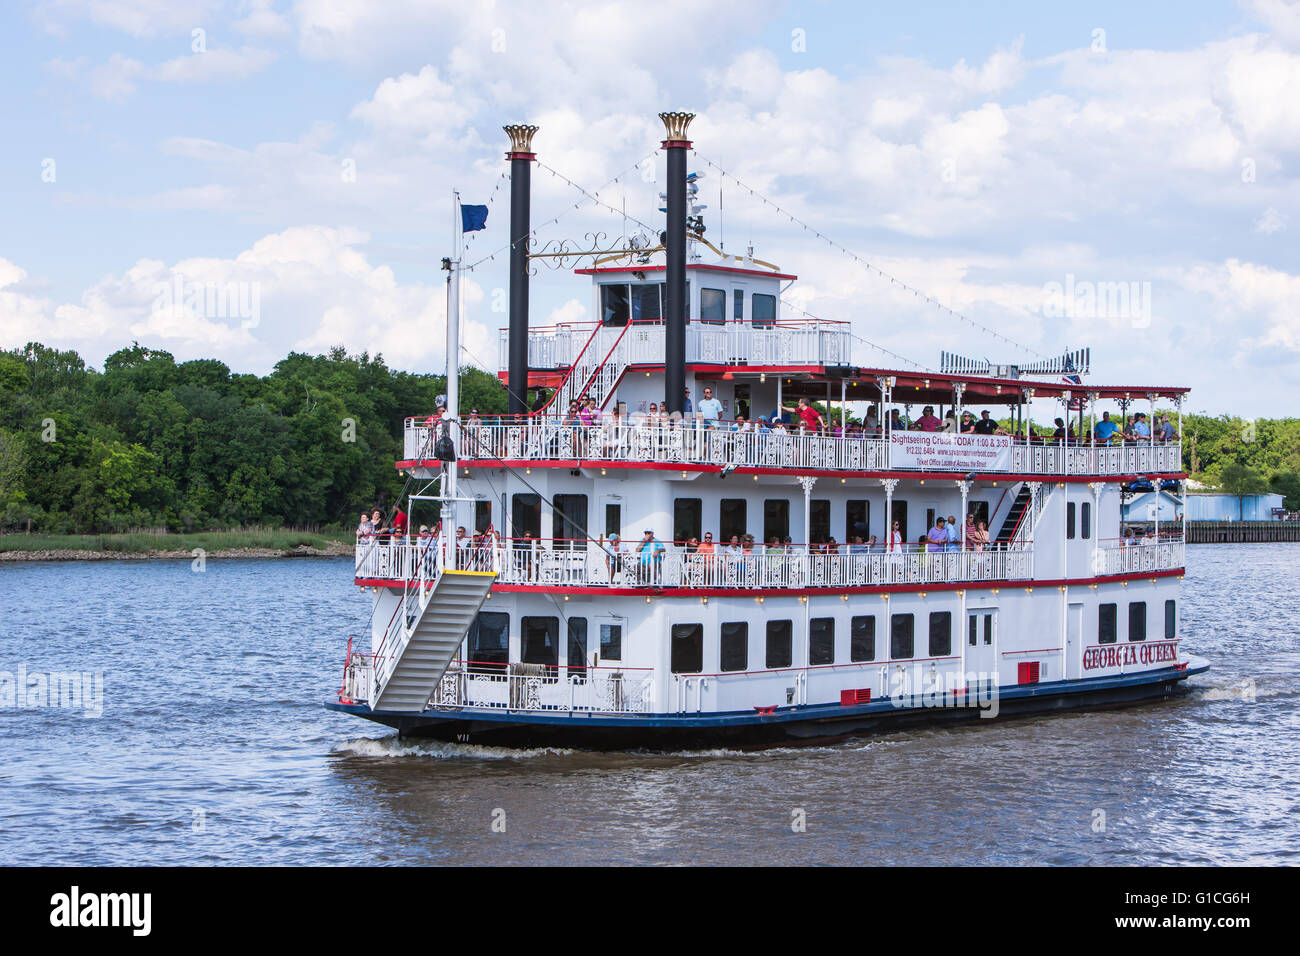 Savannah Riverboat cruises Géorgie 'Queen' l'Hôtel de Ville d'approches à l'atterrissage Photo Stock